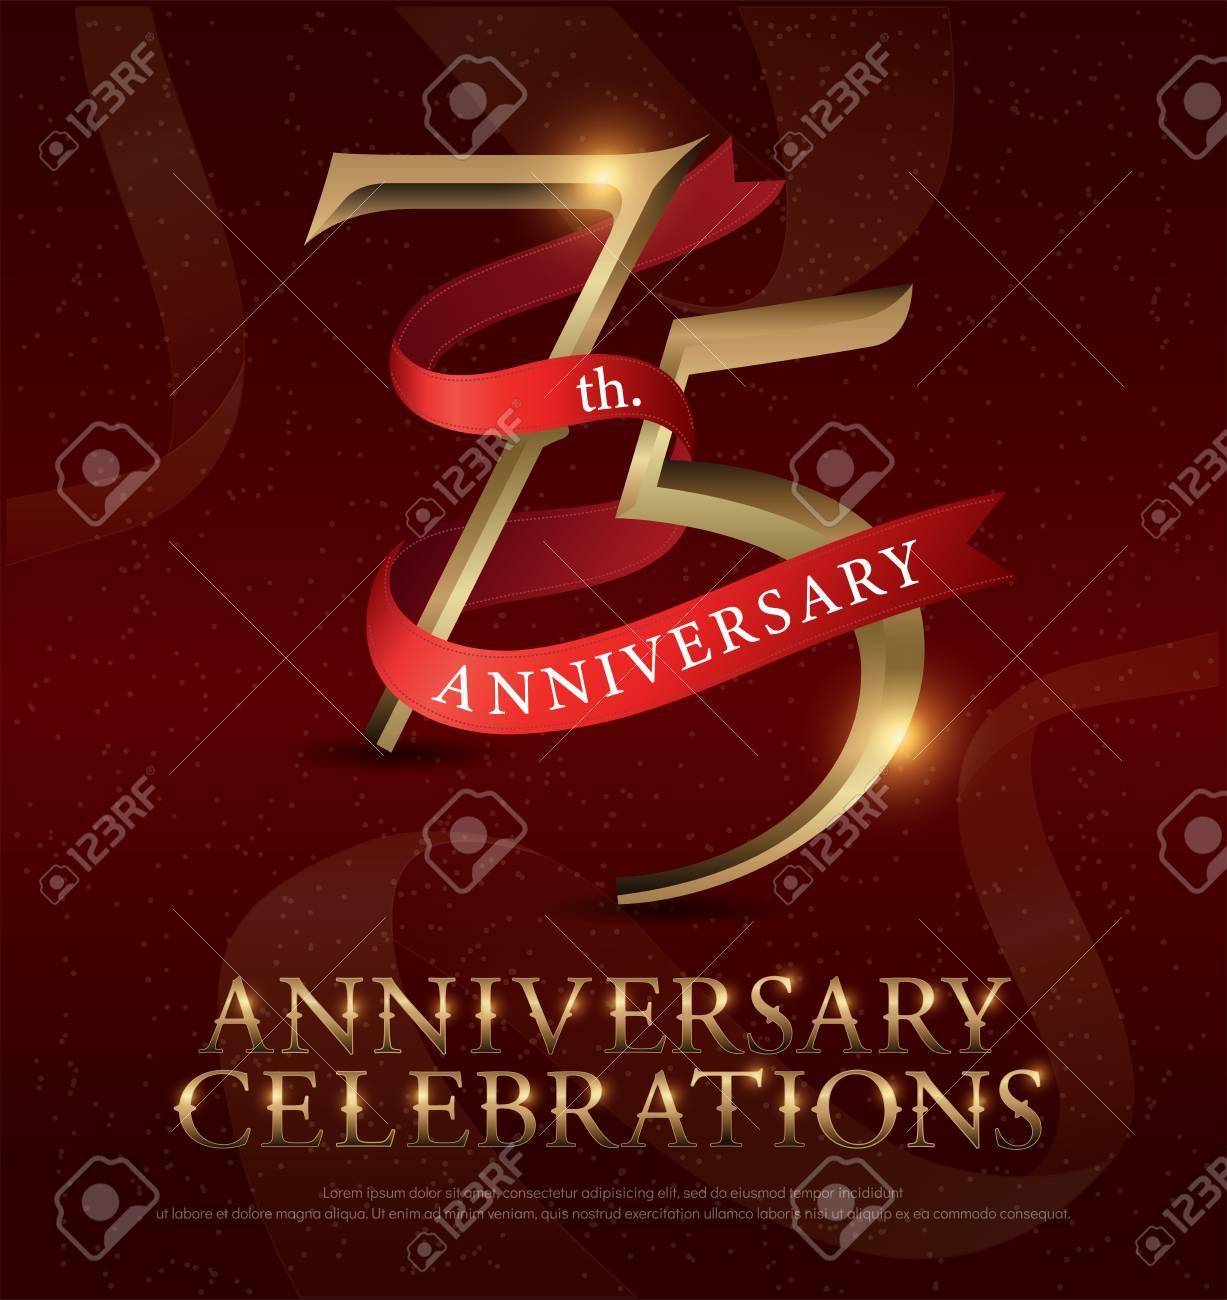 Vettoriale Logo Dorato Di Celebrazione Del 75 Anniversario Con